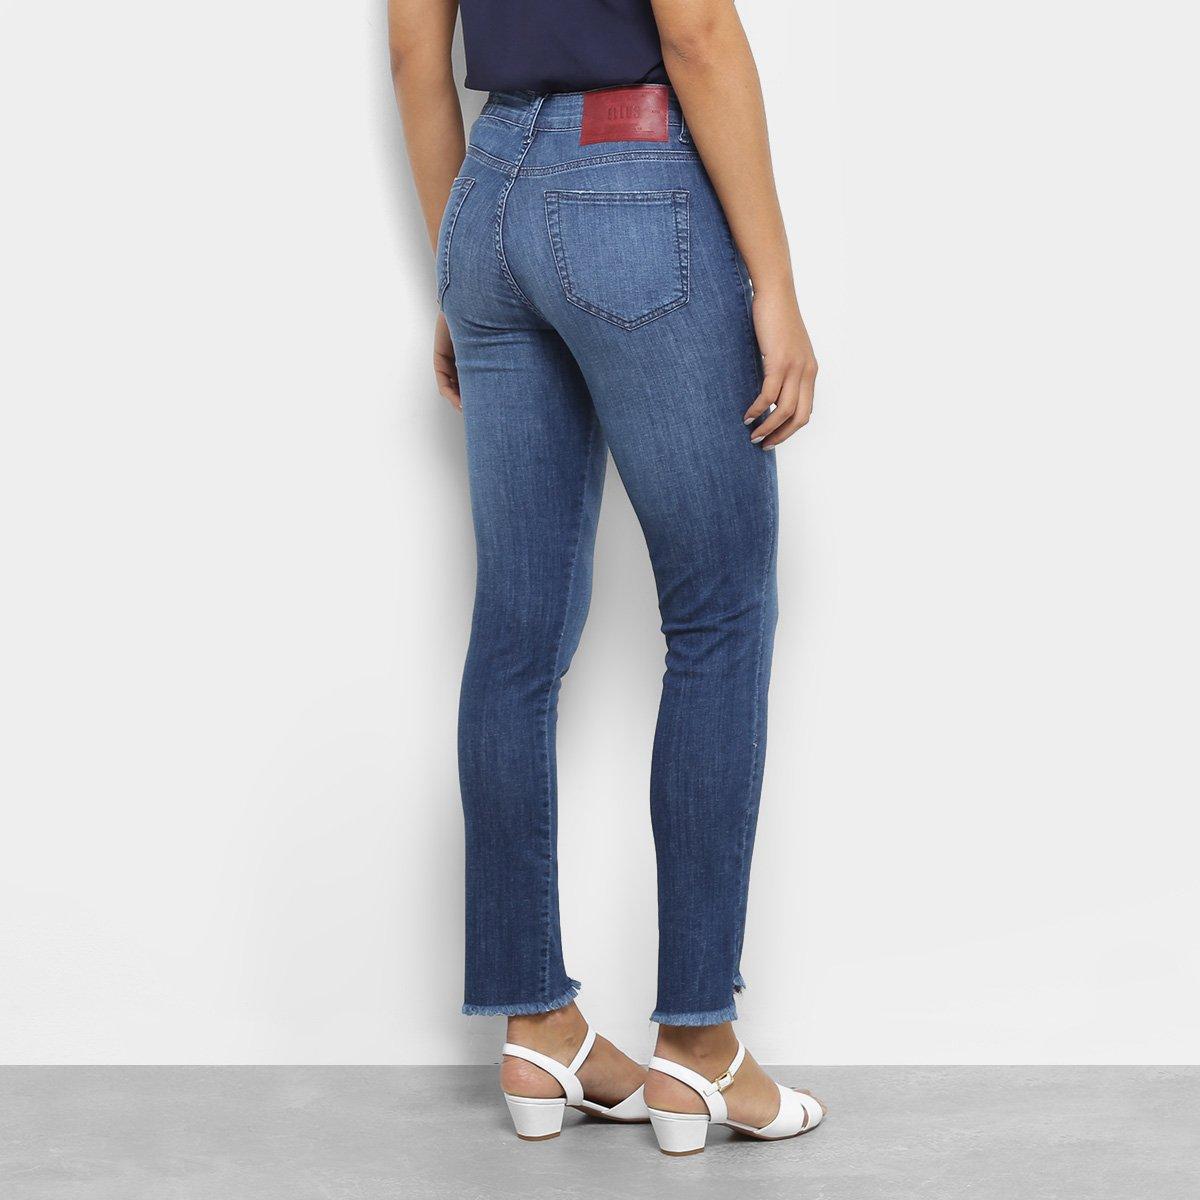 CalçaJjeans Ellus Skinny Cintura Média Feminina - Jeans - Compre ... 0d793d61260